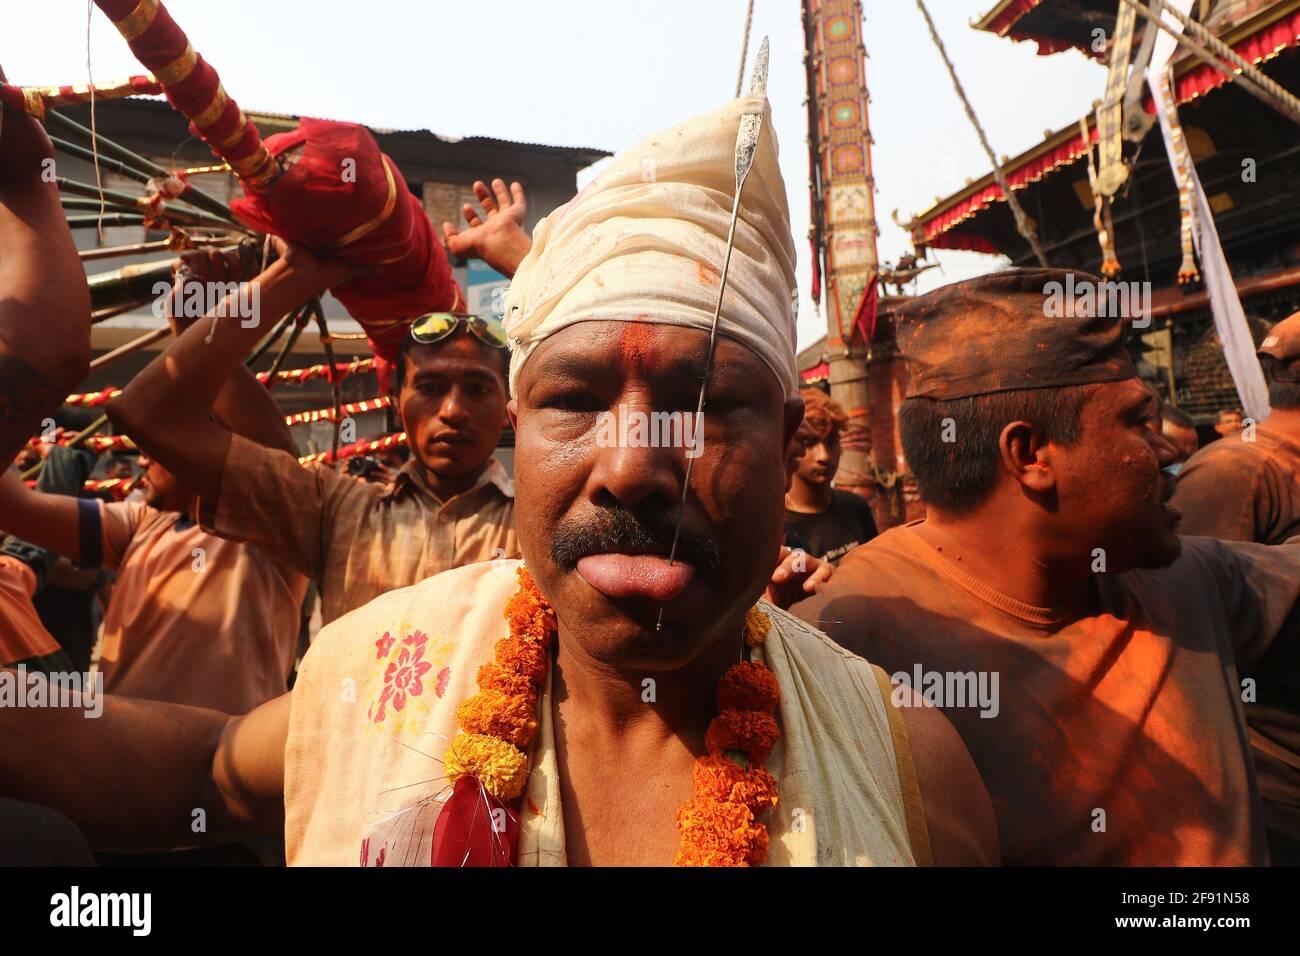 Kathmandu, NE, Nepal. 15 Aprile 2021. Buddha Krishna Shrestha, 48 anni, pierces la sua lingua per l'ottava volta nella sua vita, durante l'annuale Jibro Chhedne Jatra (Tongue Piercing Festival) in occasione del nuovo anno, a Bode, Thimi a Kathmandu, Nepal, il 15 aprile 2021. Credit: Aryan Dhimal/ZUMA Wire/Alamy Live News Foto Stock